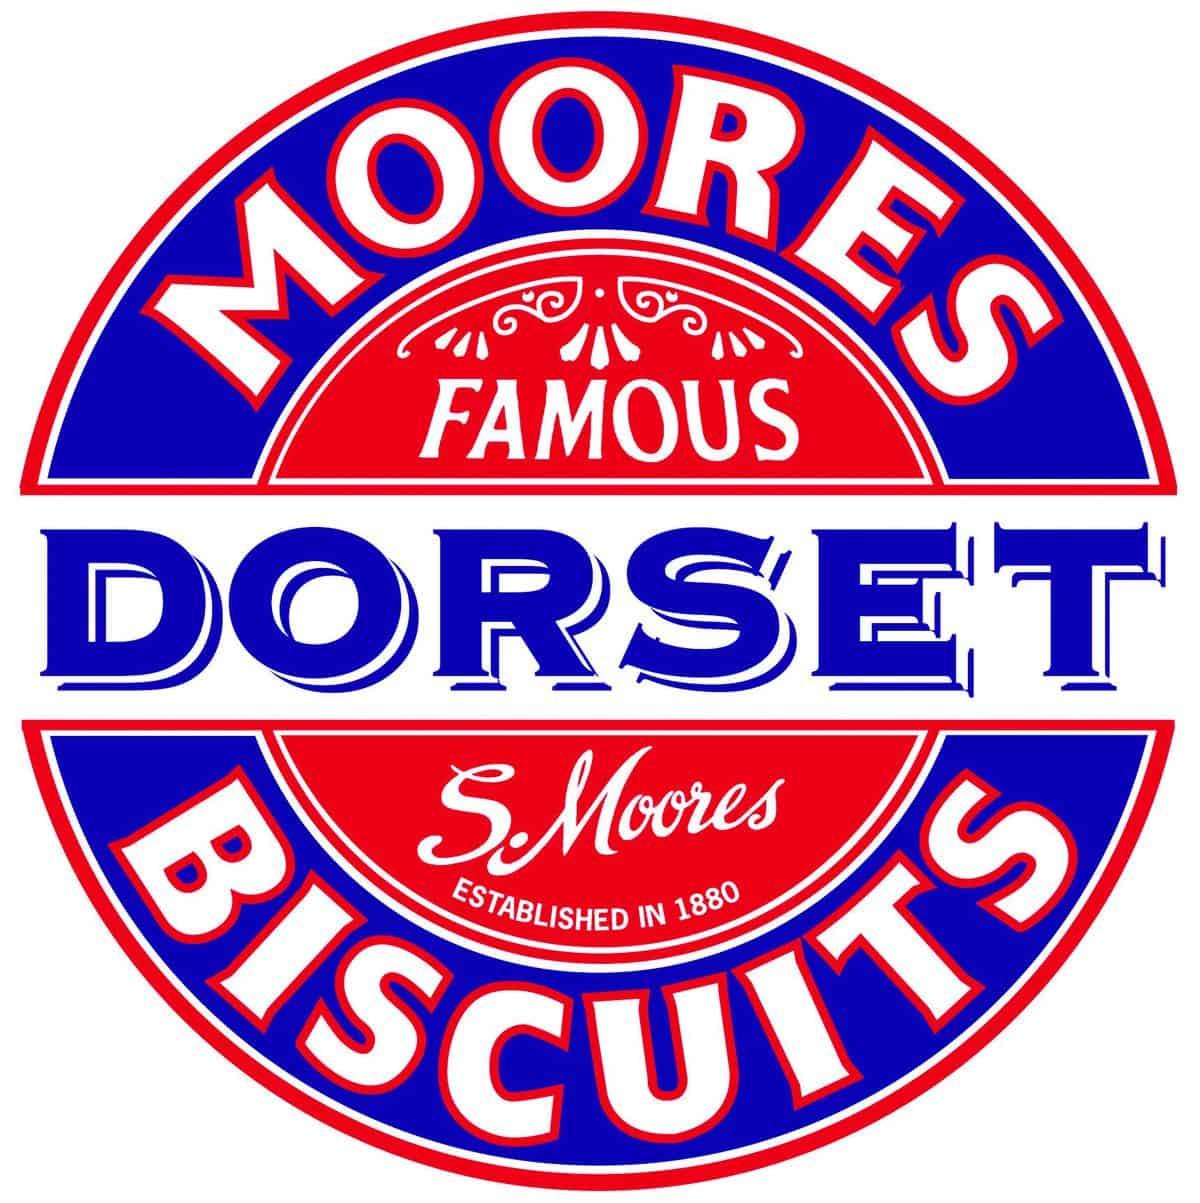 MOORES_DORSET_LOGO